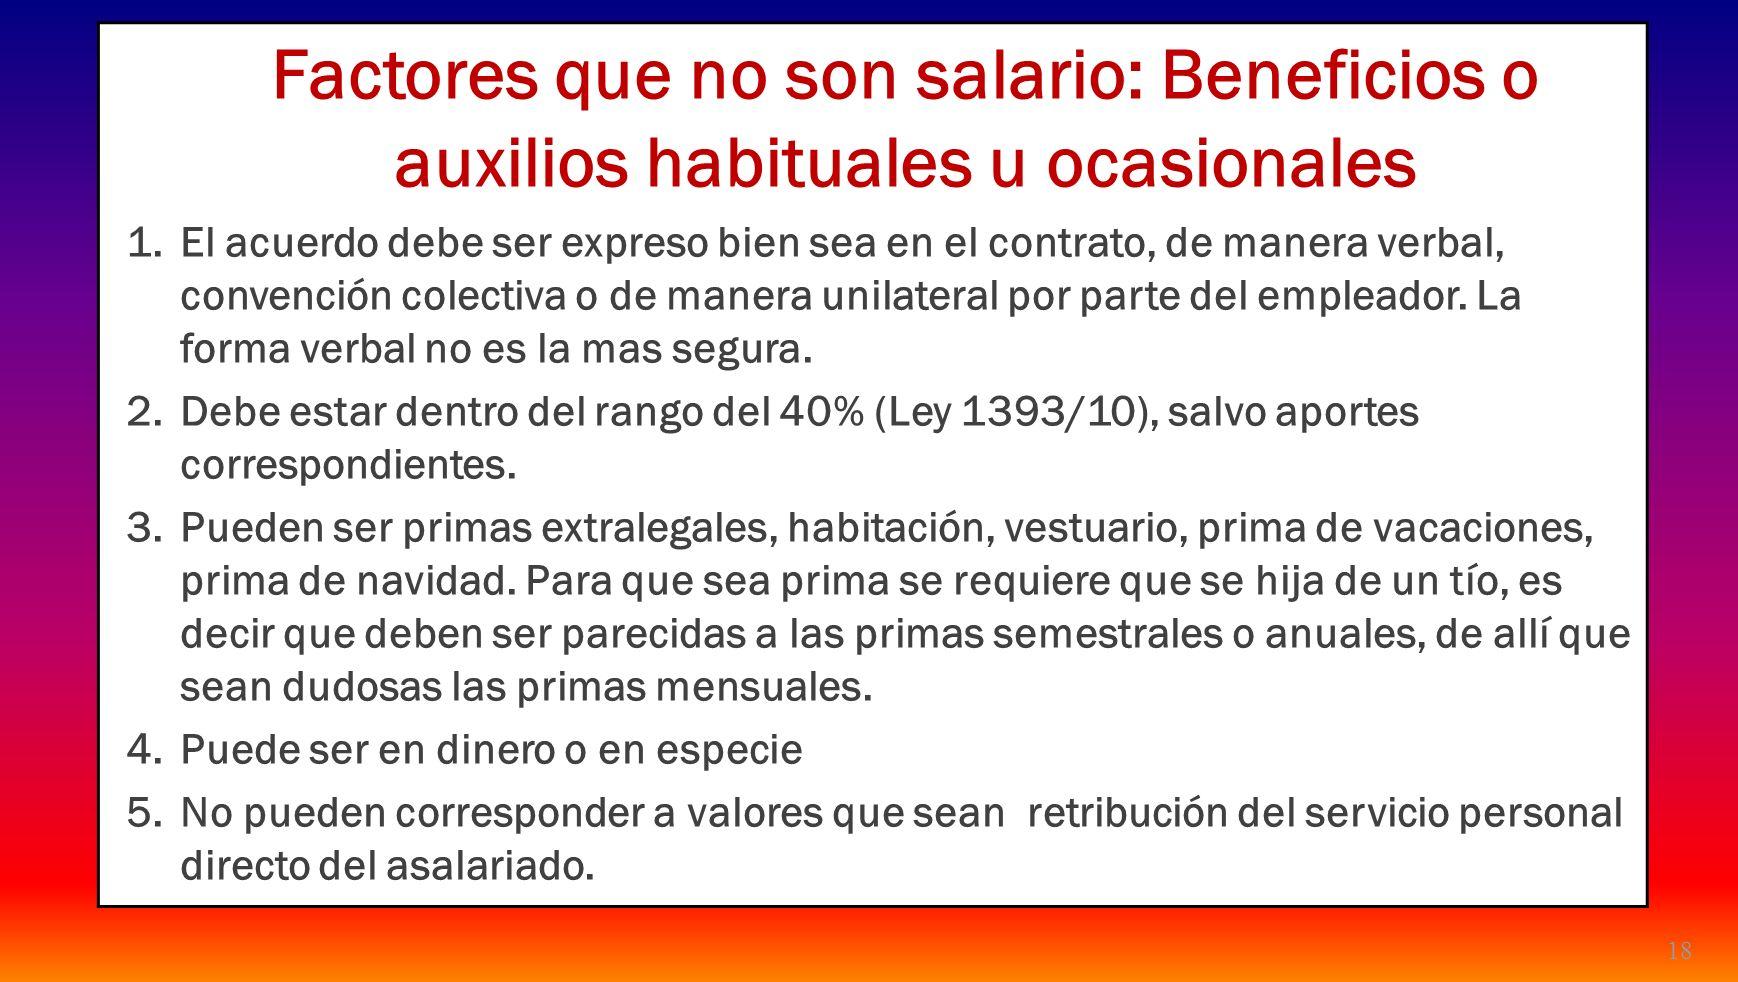 24/03/2017 Factores que no son salario: Beneficios o auxilios habituales u ocasionales.